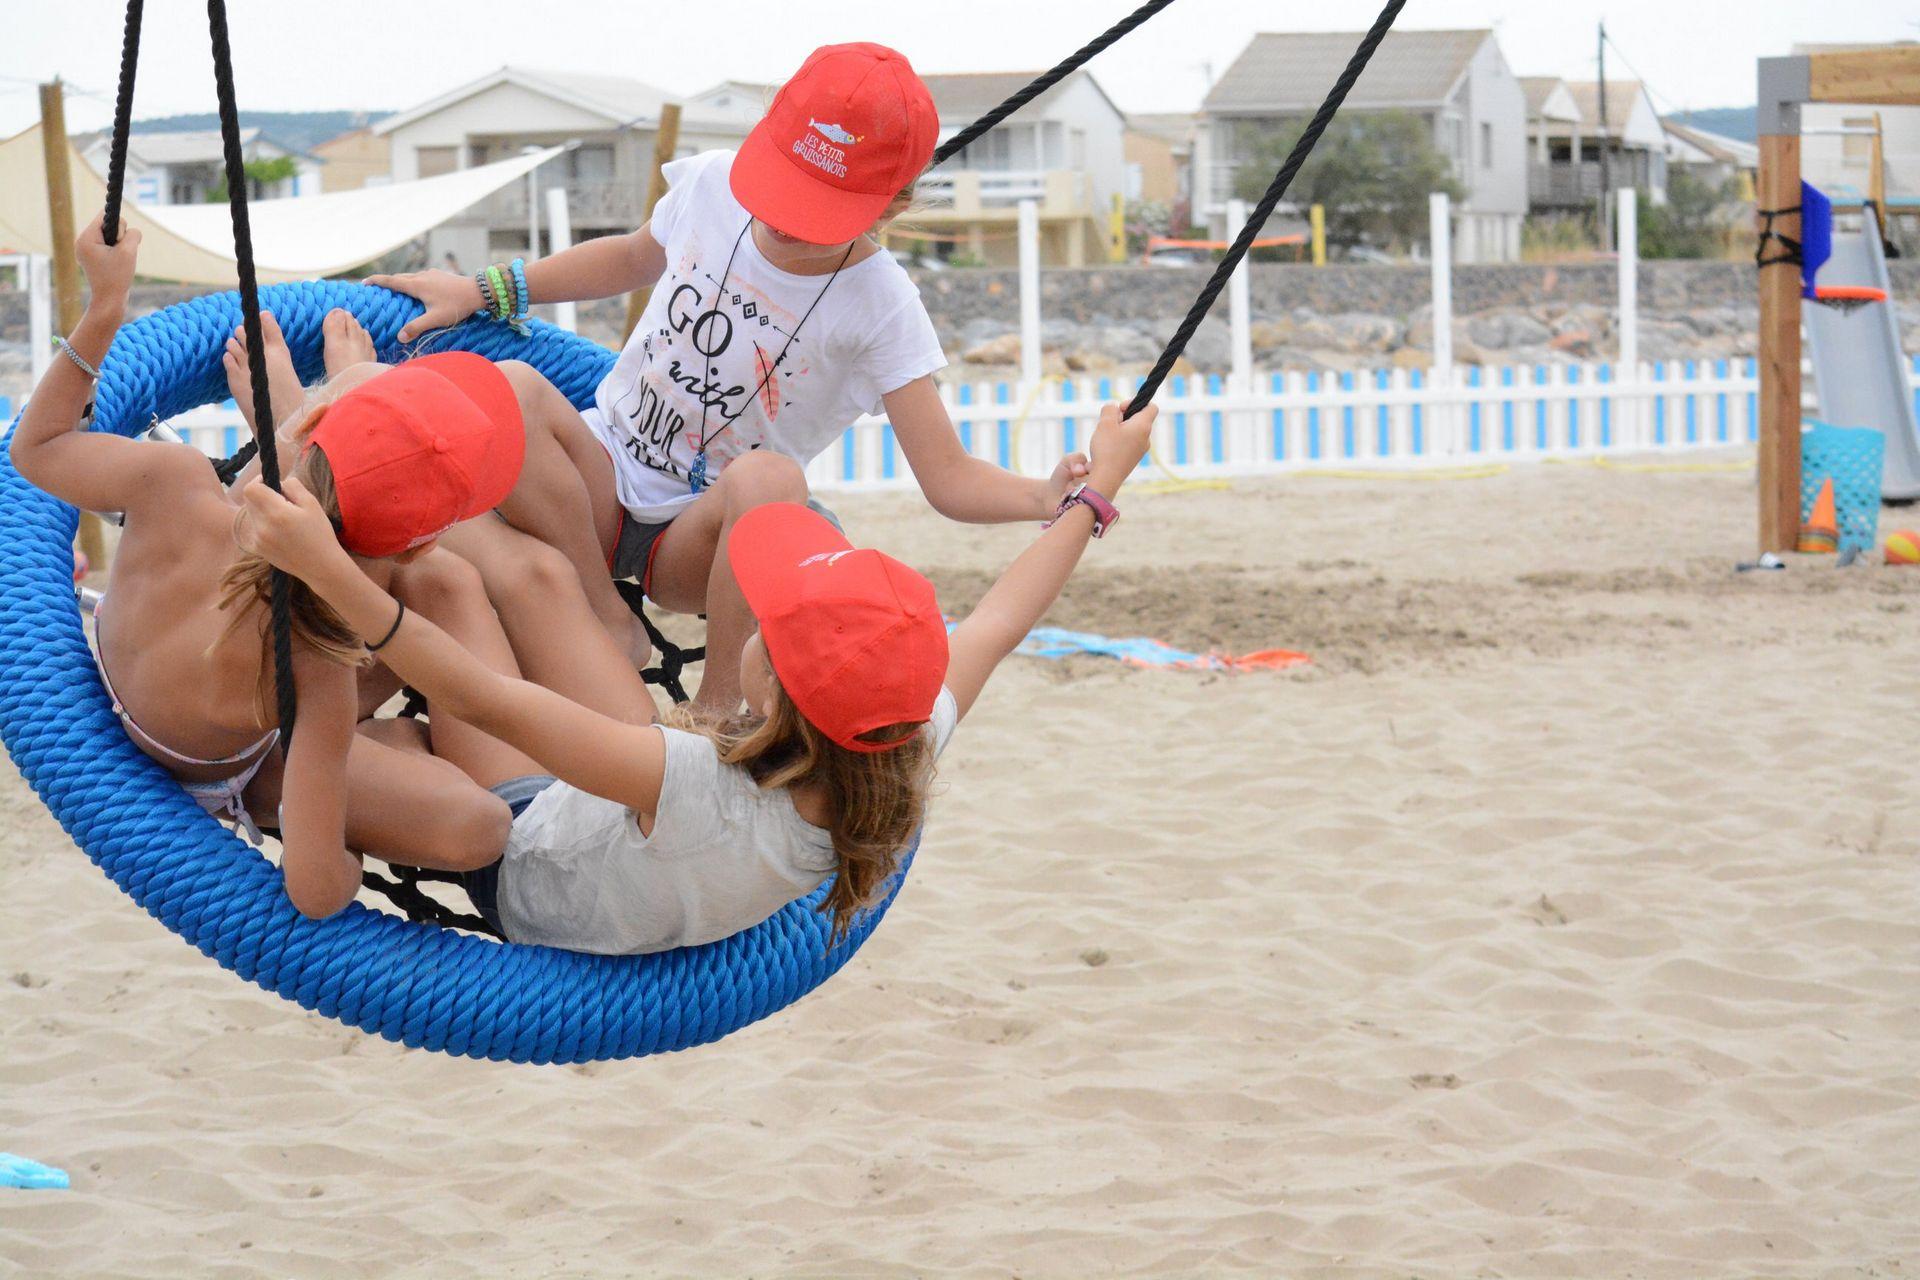 Plage Des Chalets A Gruissan gruissan, une journée d'été à la plage des chalets - aude